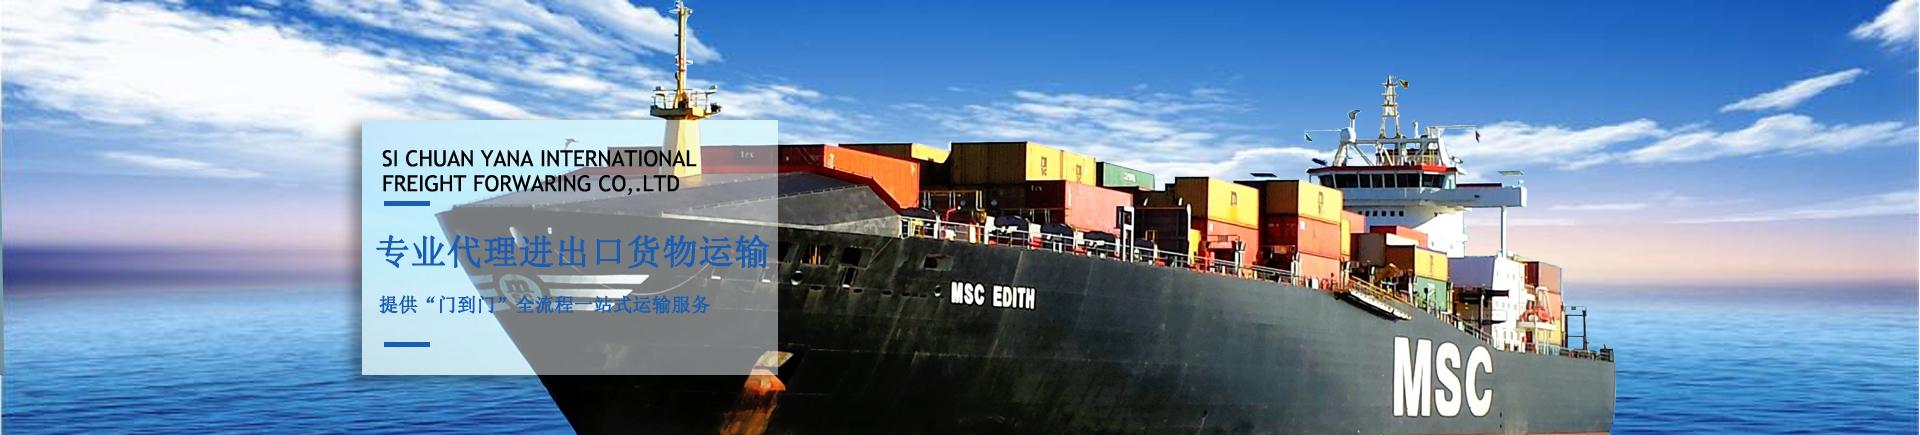 四川亚纳国际货运代理有限公司